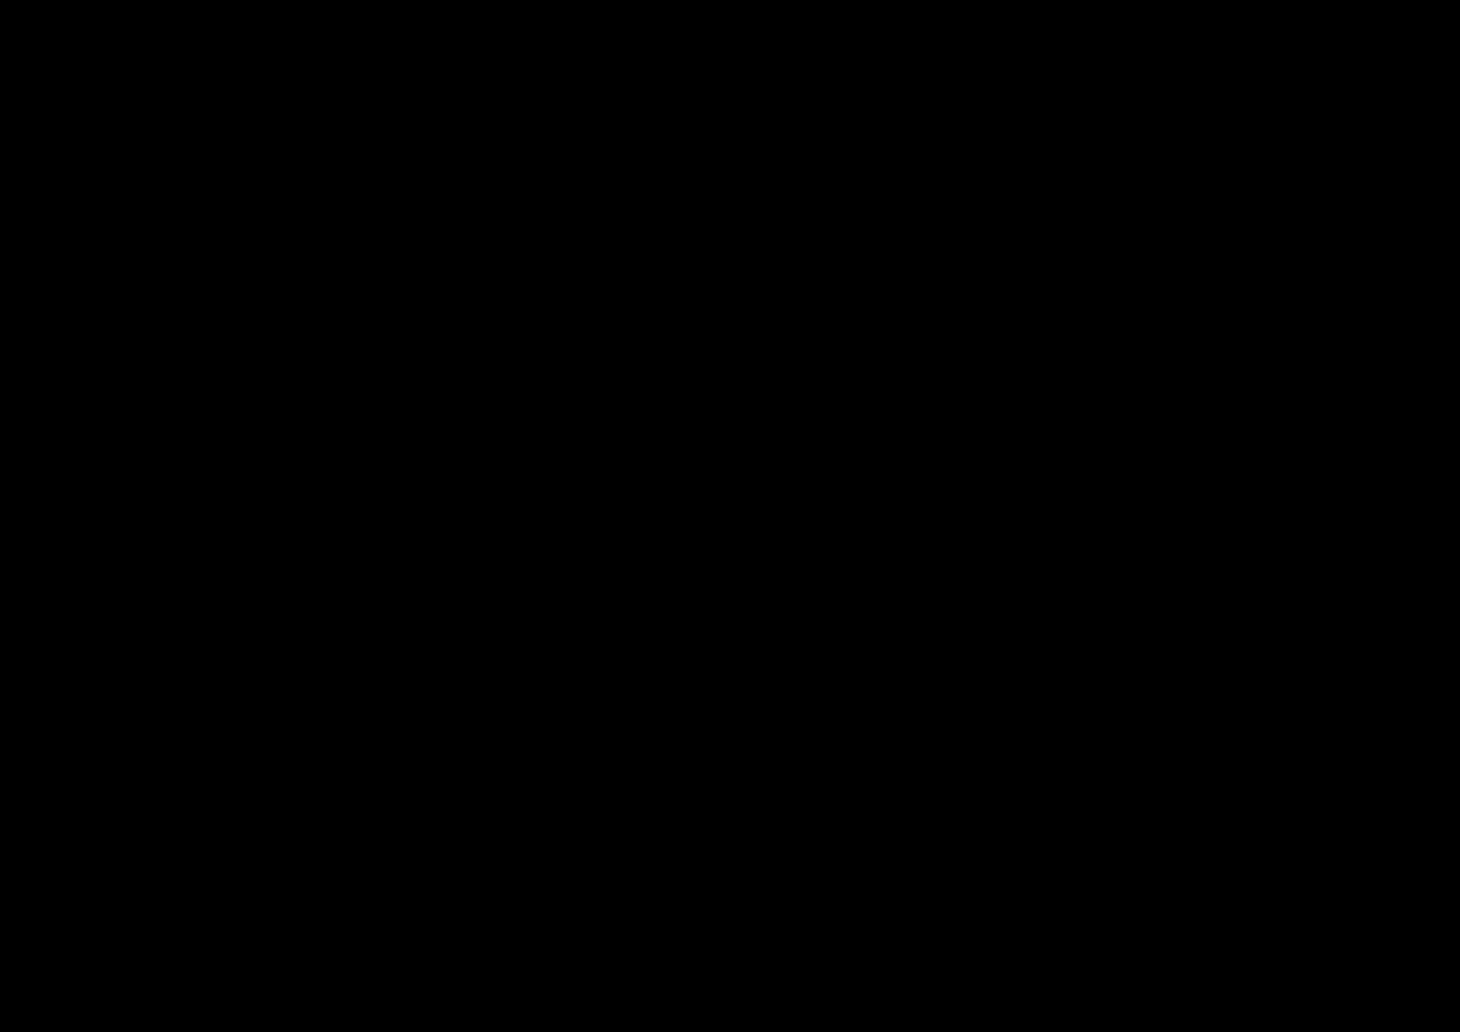 Wierdijk